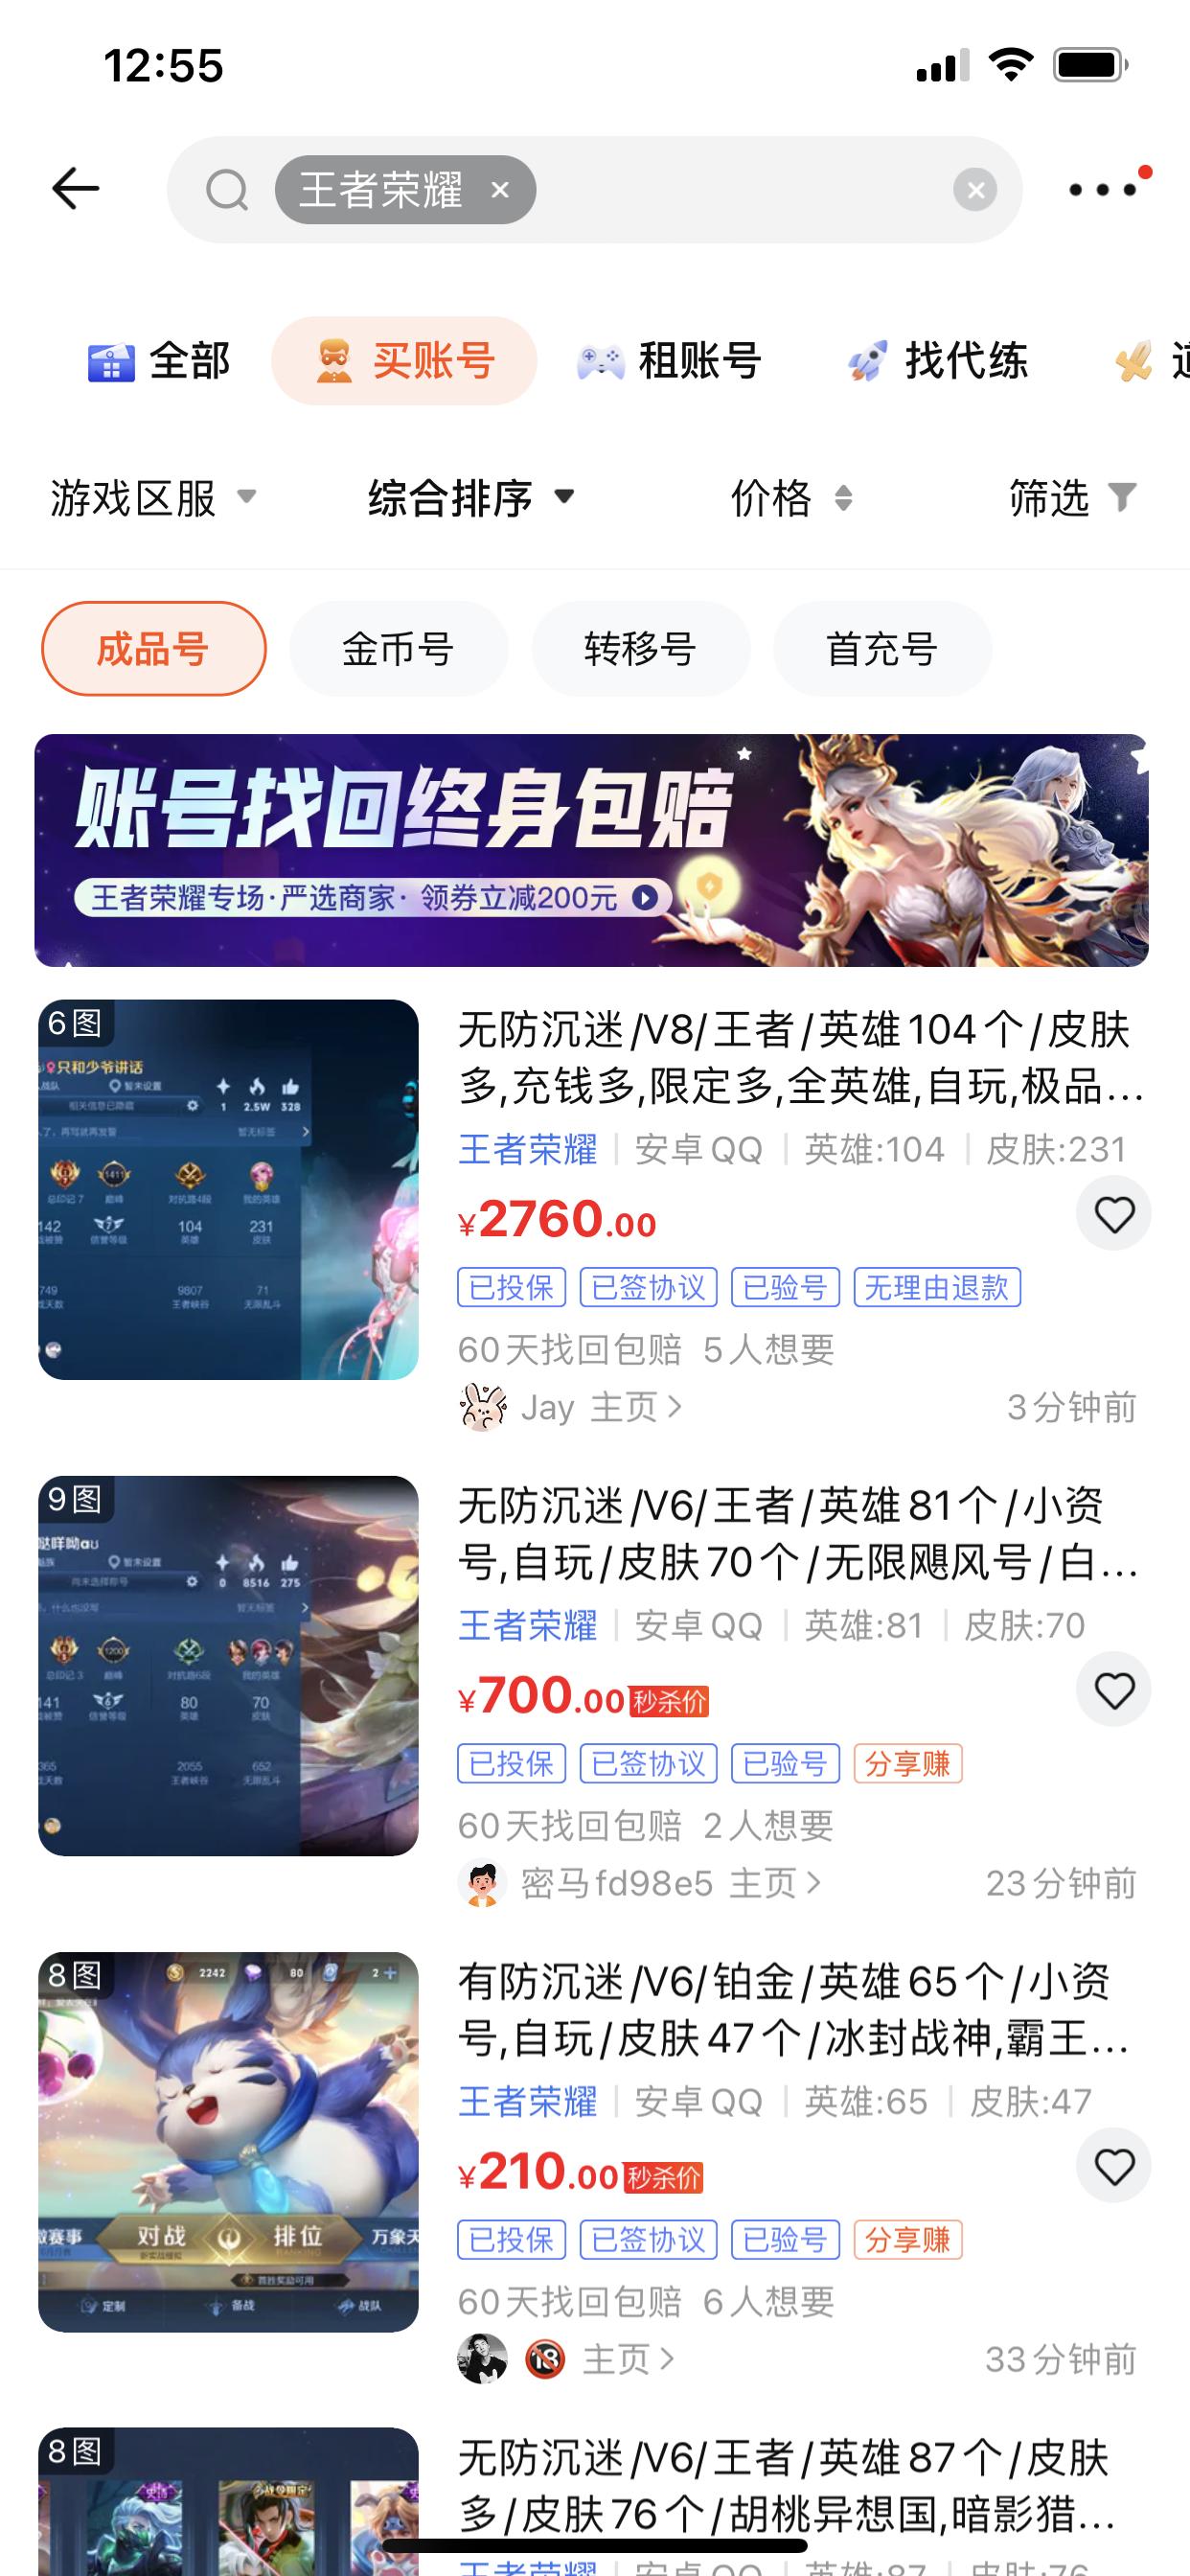 【捕鱼王】闲置的游戏账号怎么出售出租,教你4种方式快速成交